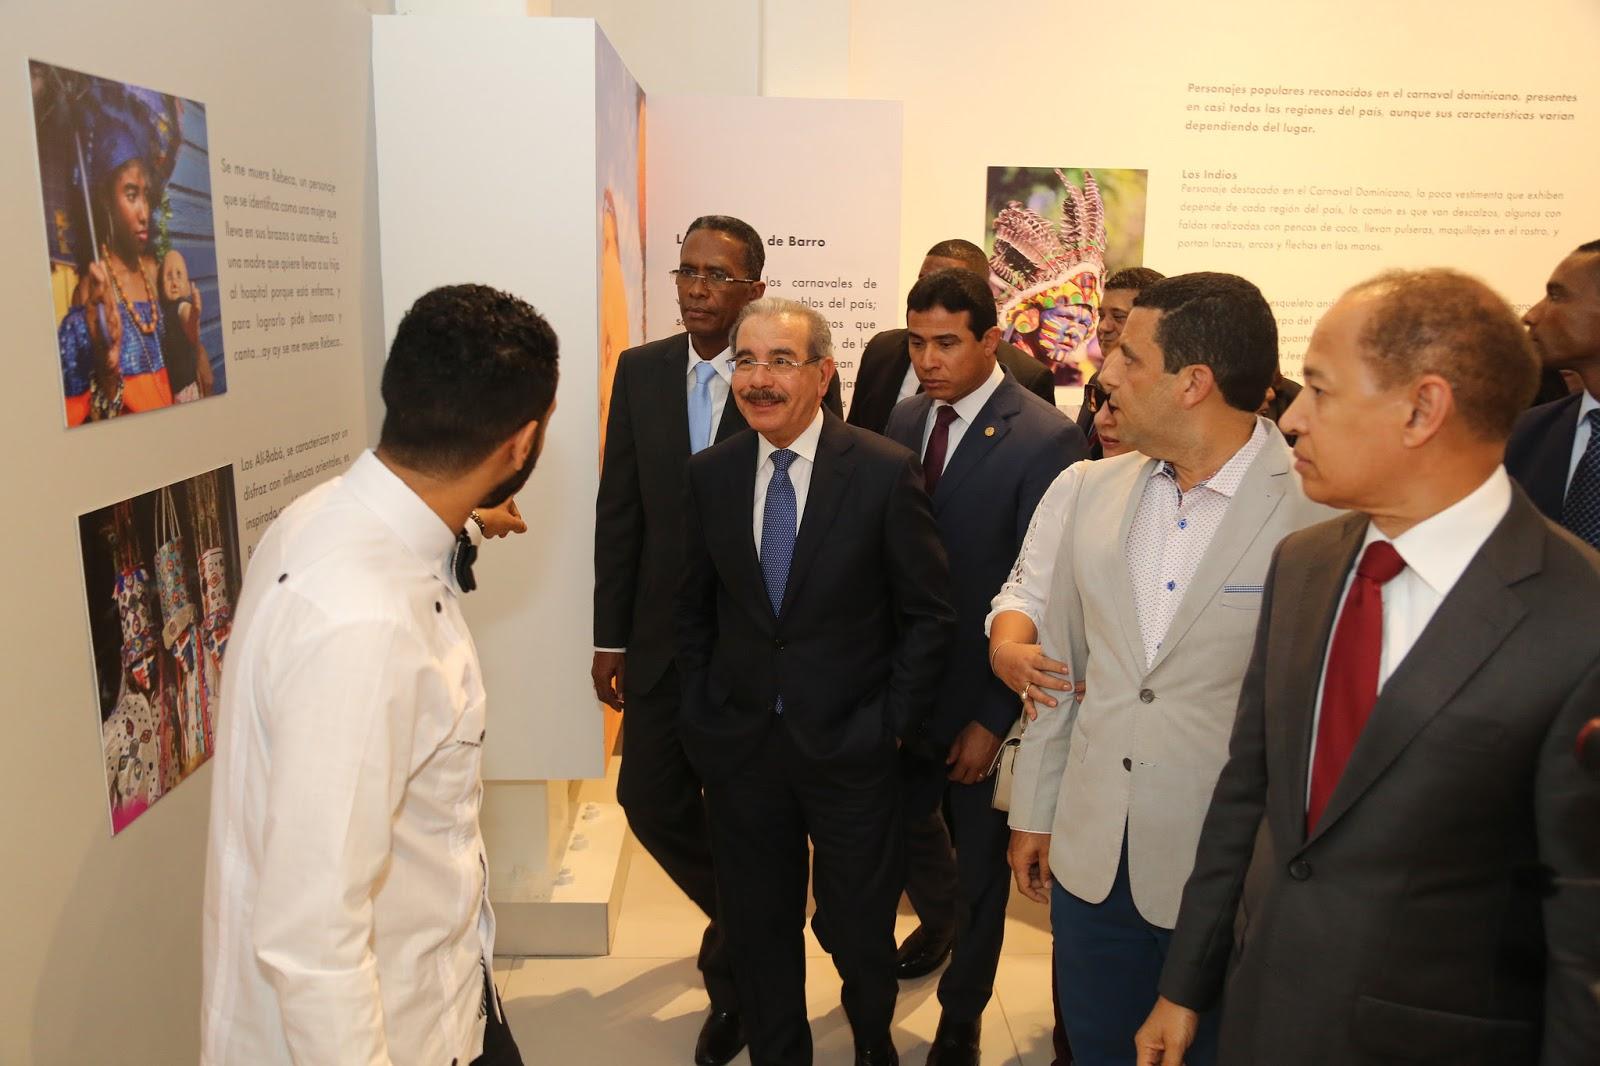 Expresiones culturales presentes todo el año: Danilo Medina entrega Museo del Carnaval Vegano